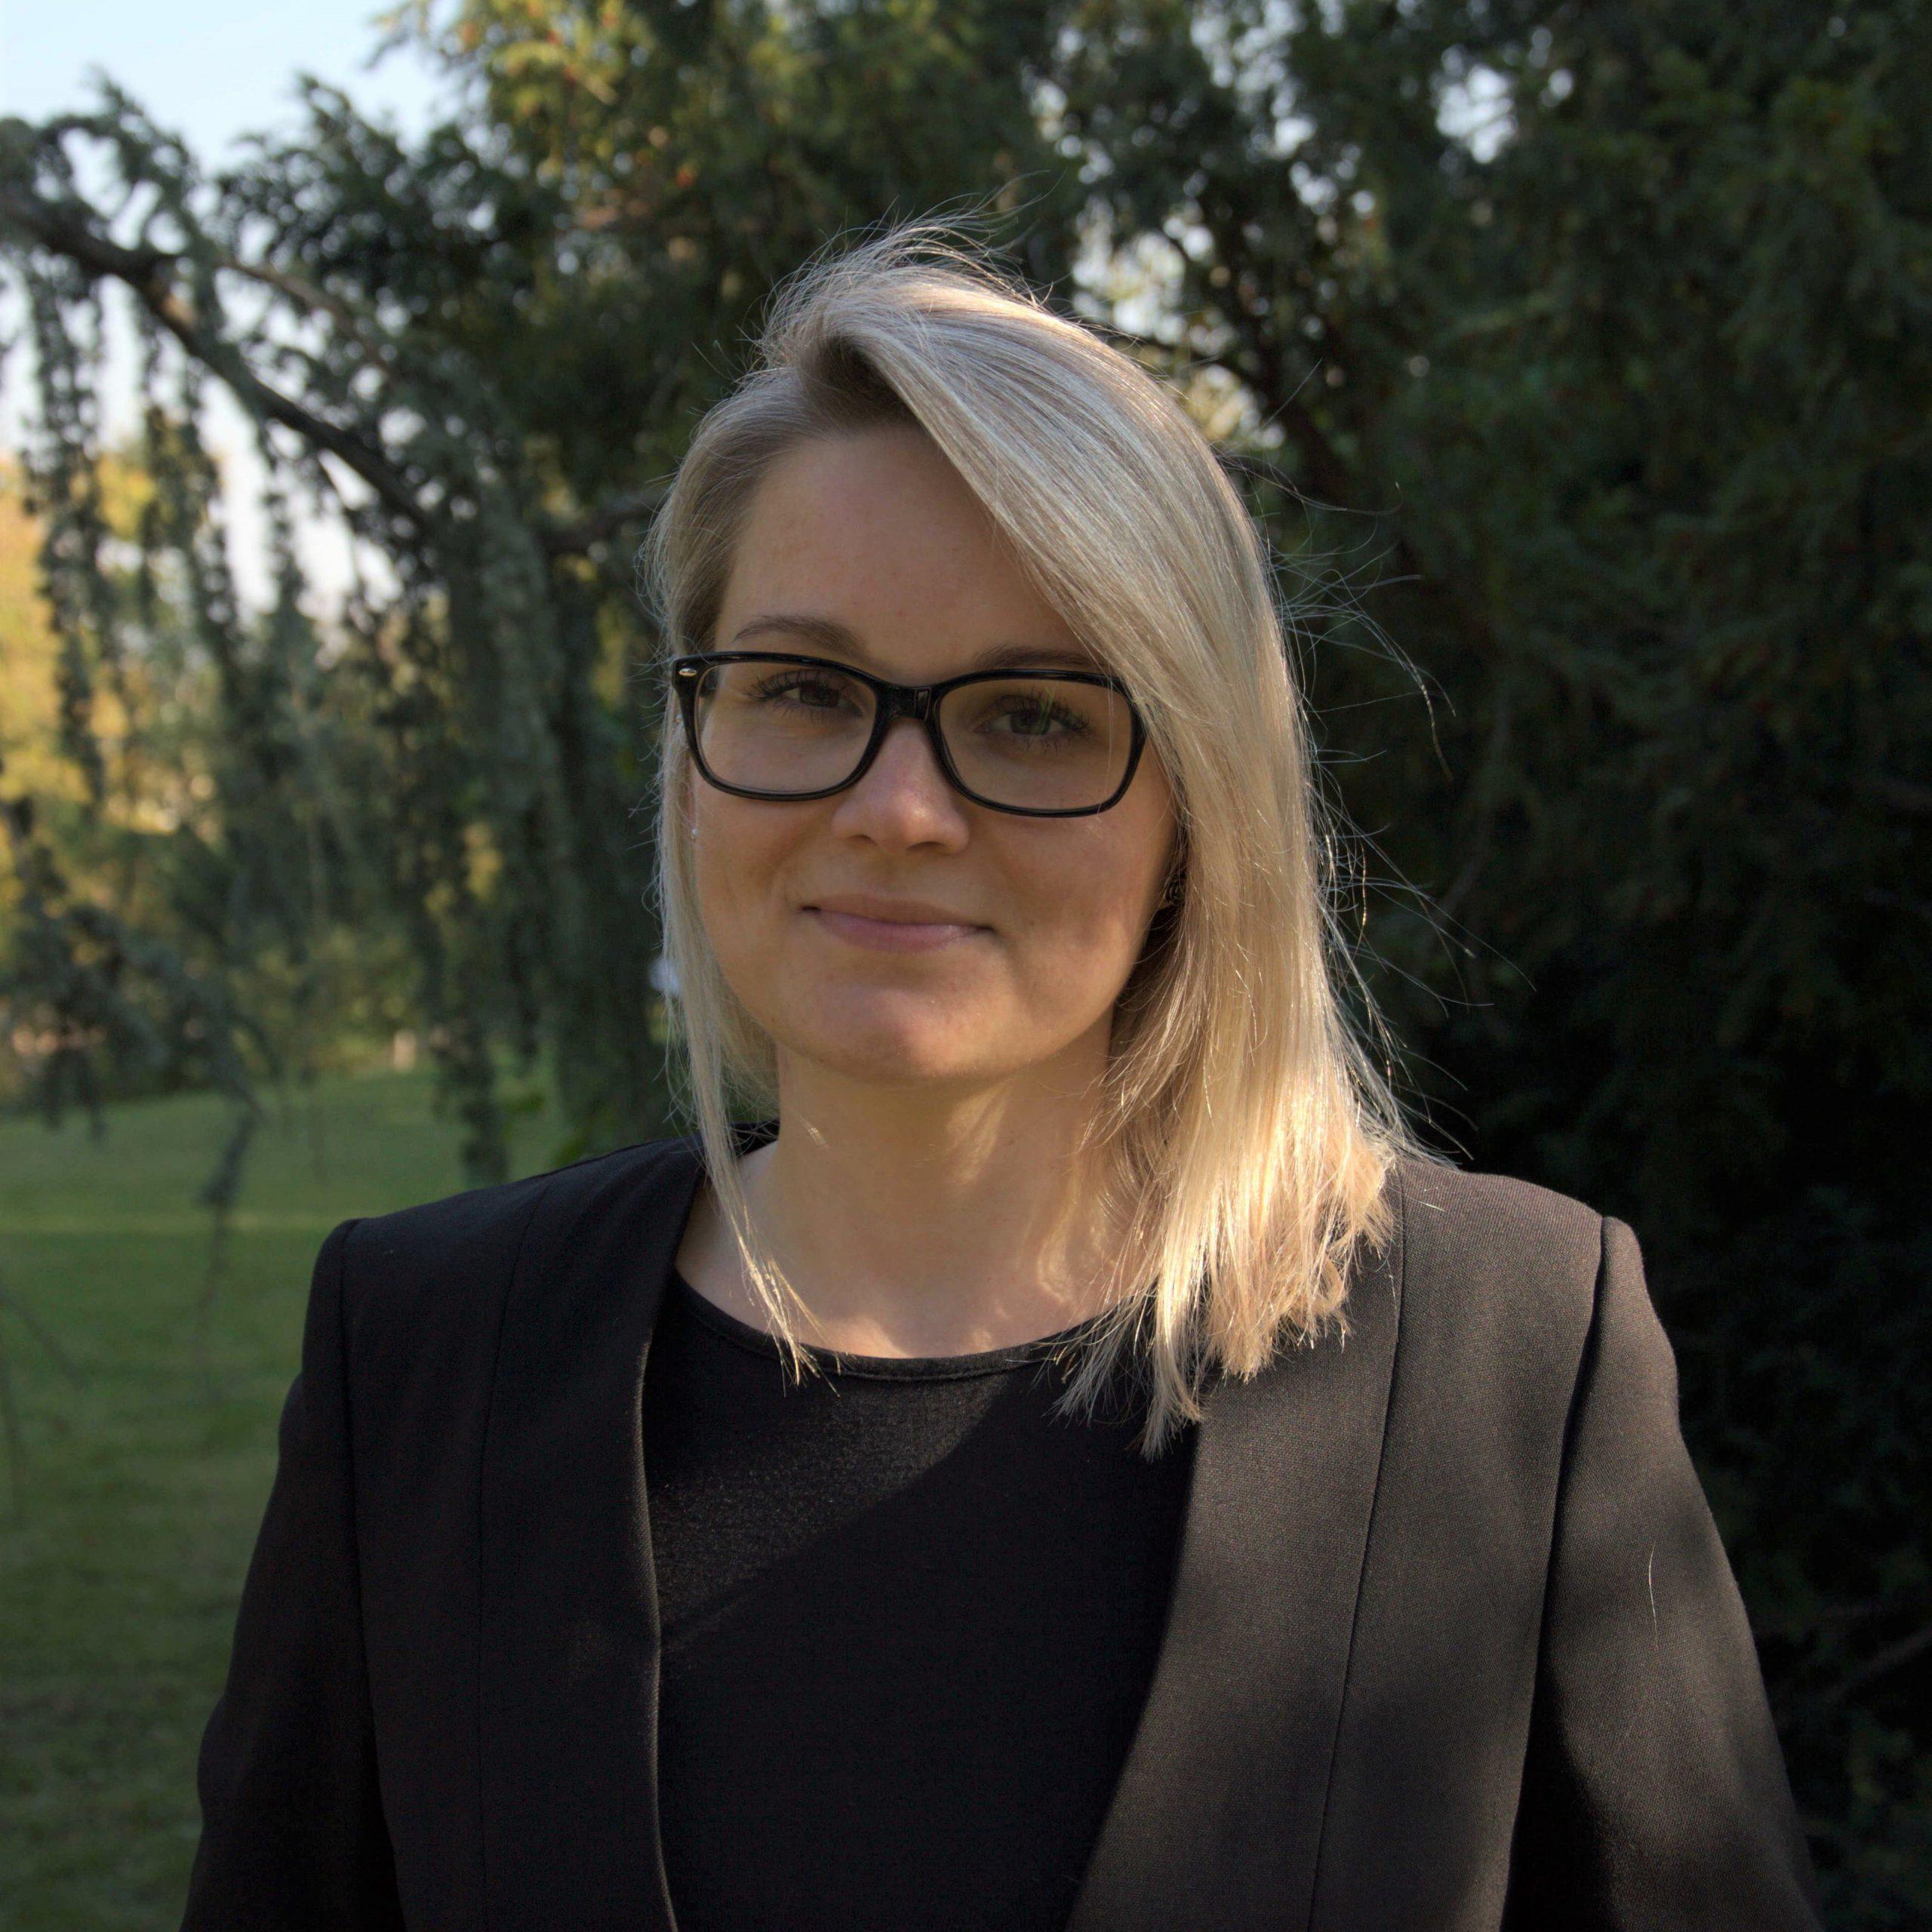 Vortrag Suchterkrankungen WIKIP Mandy Wölfer, MSc; Klinische und Gesundheitspsychologin -